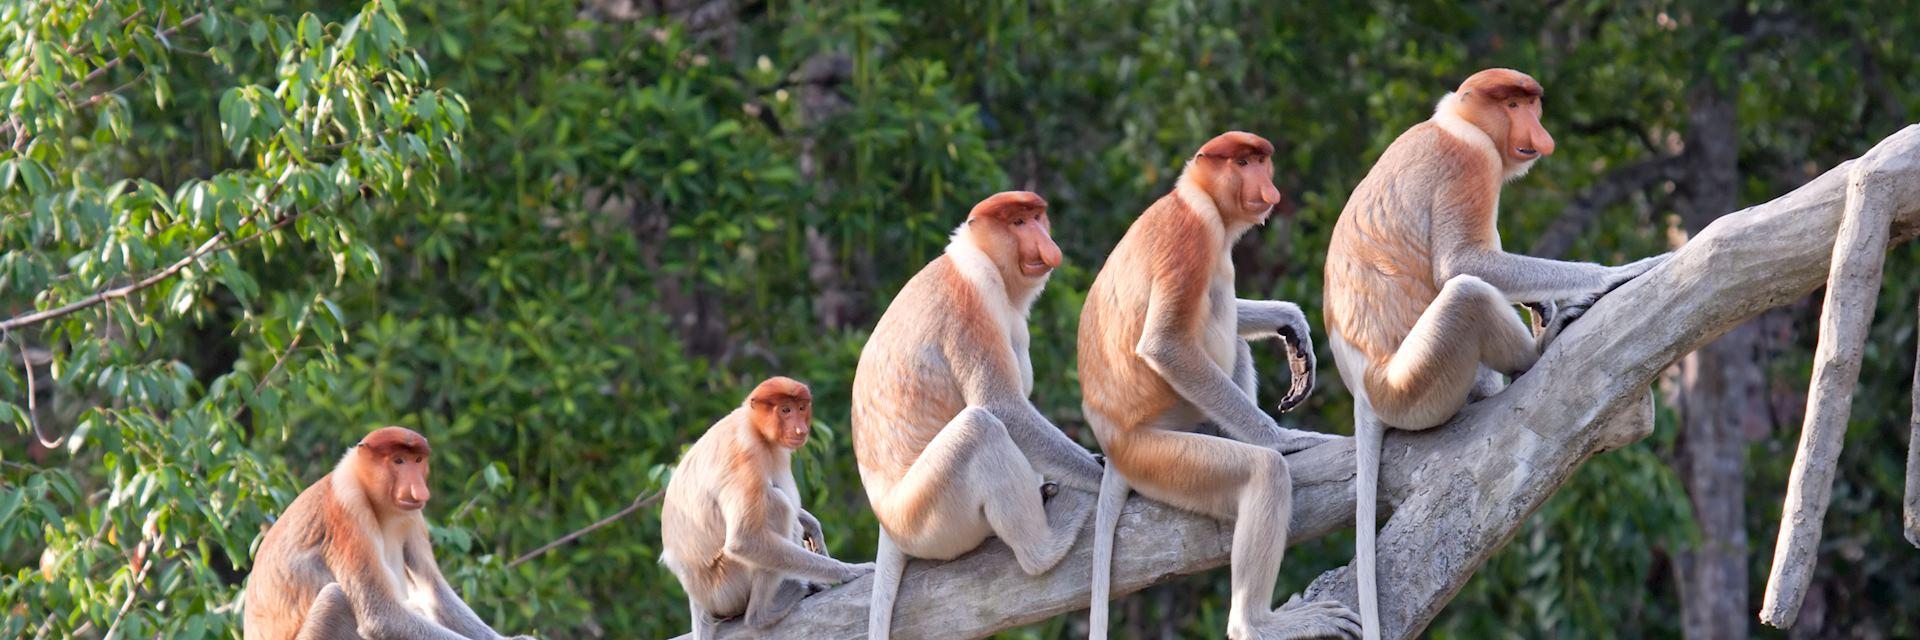 Proboscis monkeys, Kota Kinabalu